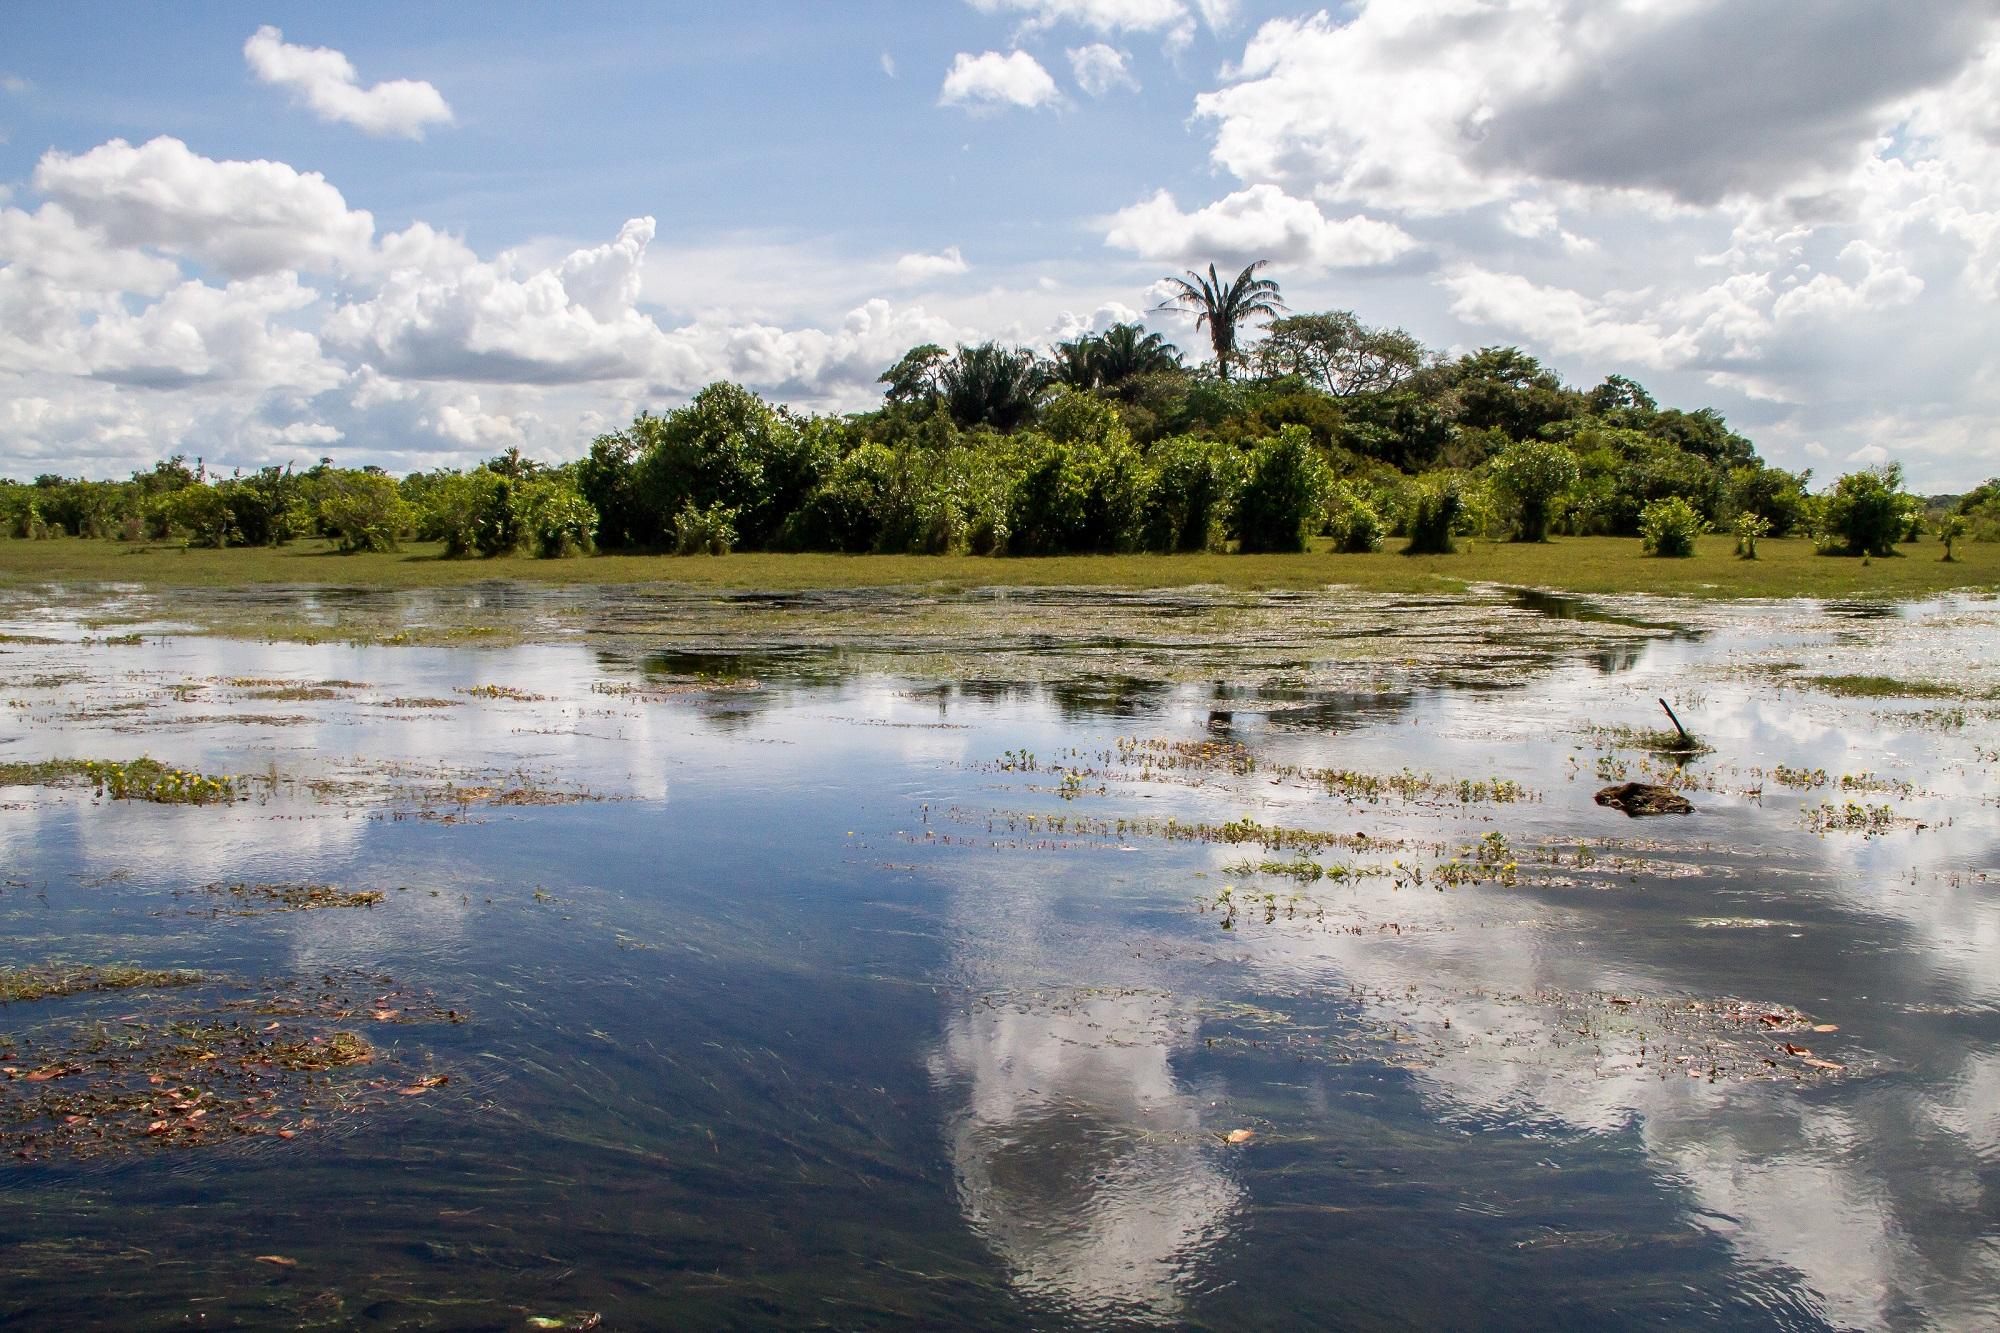 Panorámica de un paisaje de sabanas inundables típicas de Cinaruco. Foto: Rodrigo Durán Bahamón.